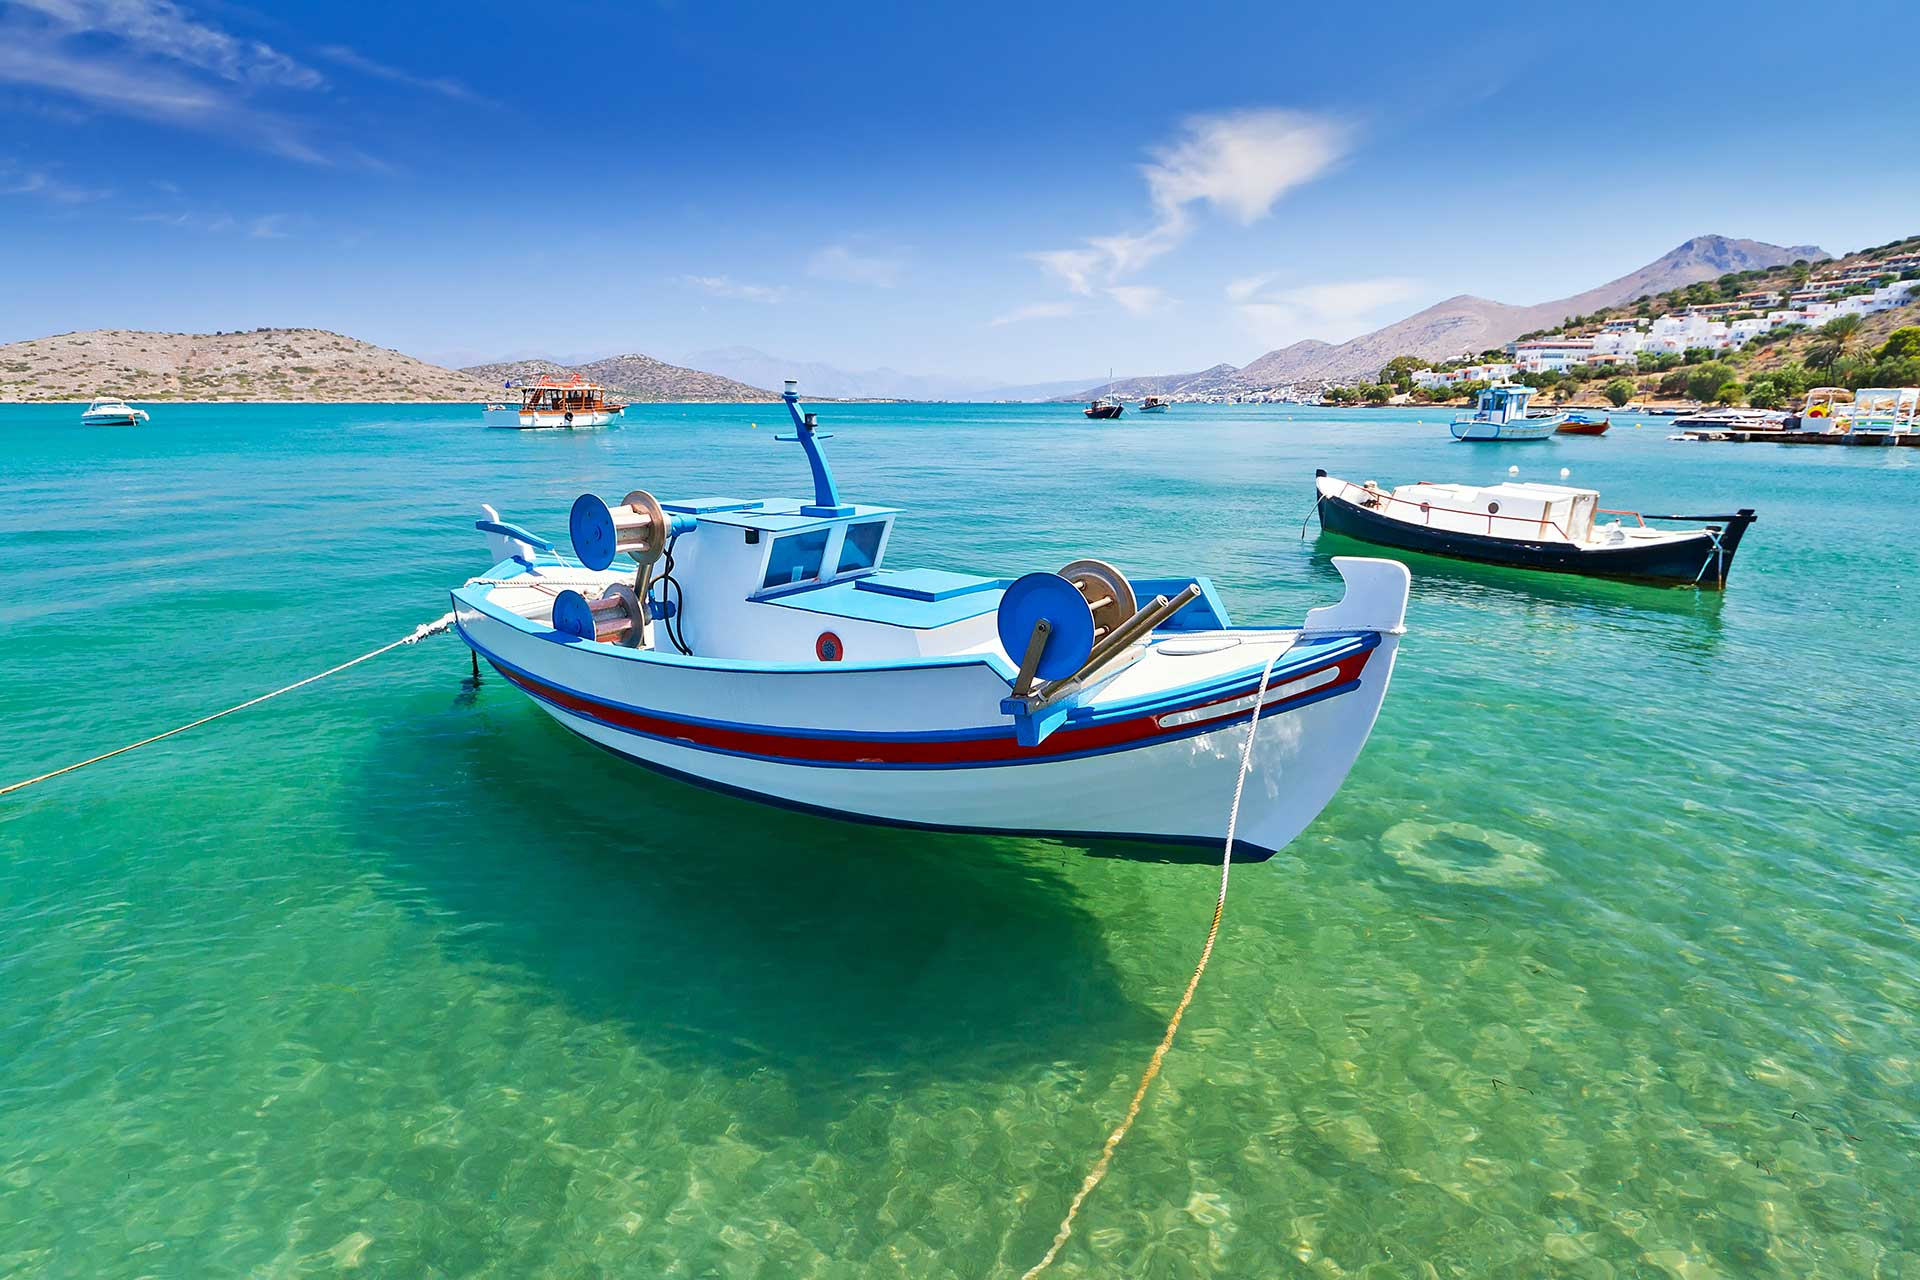 Estate a Creta, vacanza sulle spiagge dell'isola greca